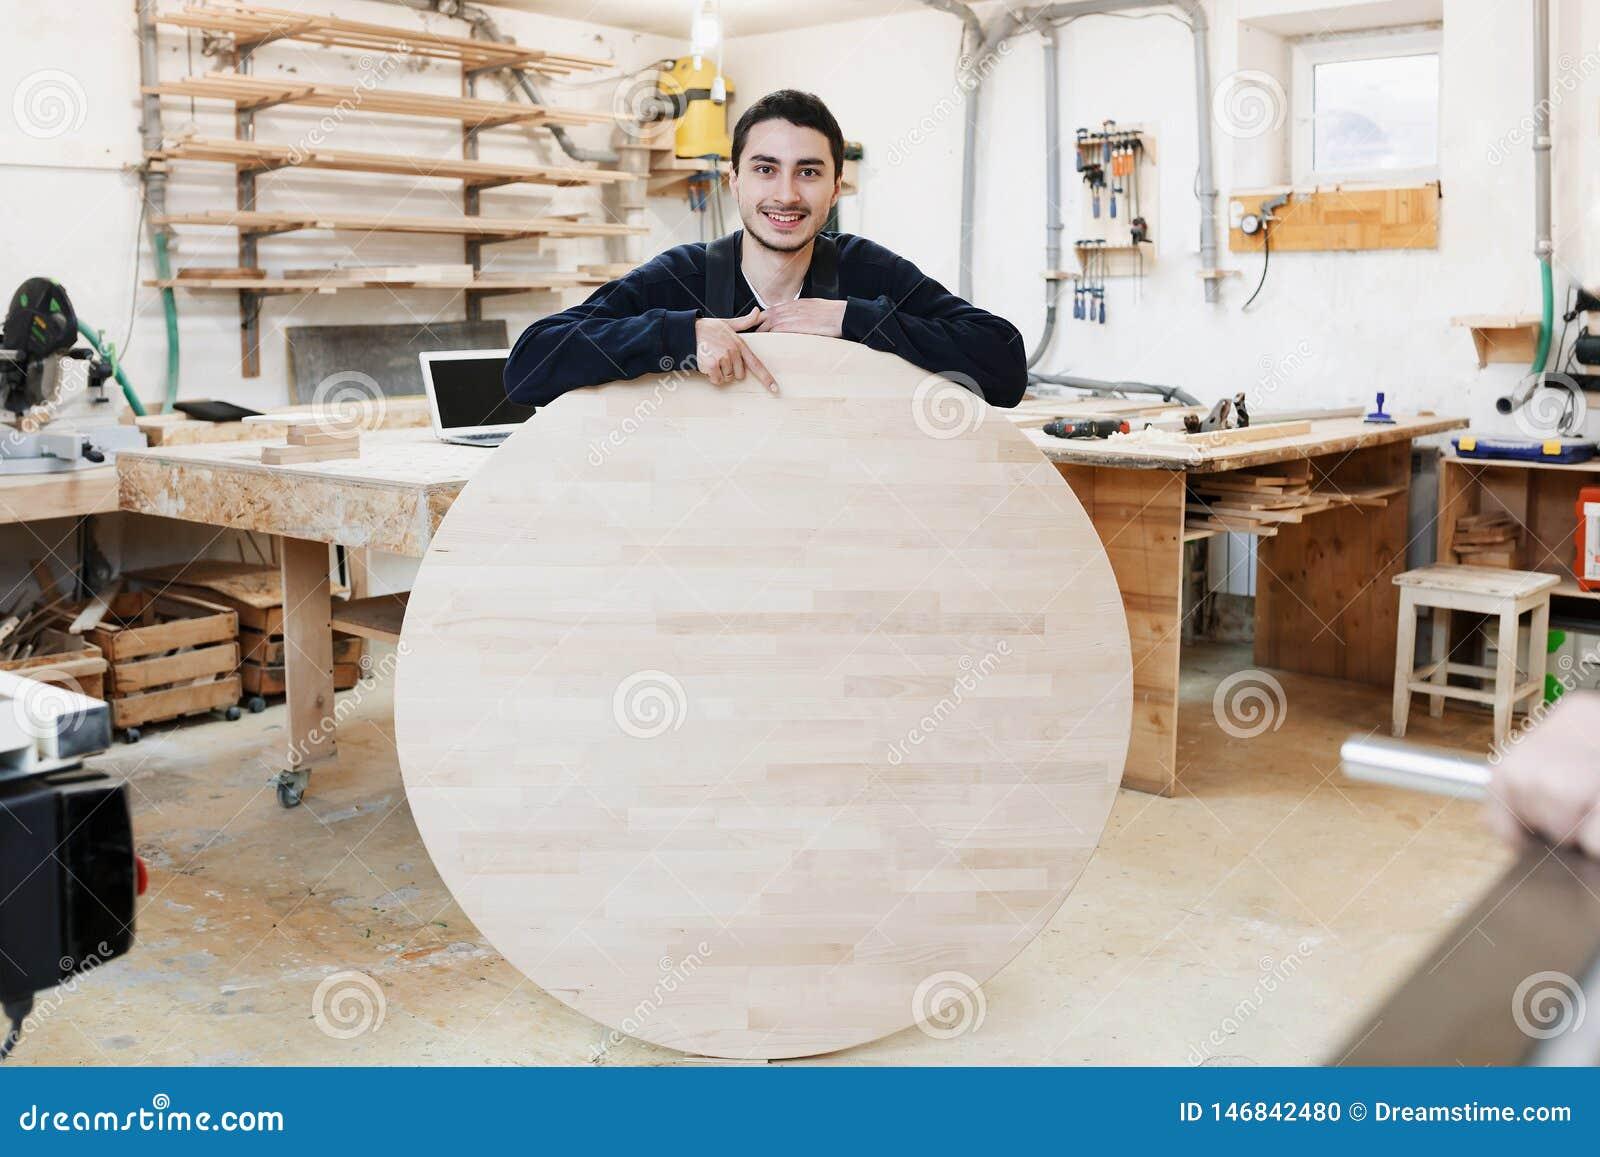 Retrato de una situación del carpintero en su taller del carpintero del estudio de la artesanía en madera El hombre lleva a cabo